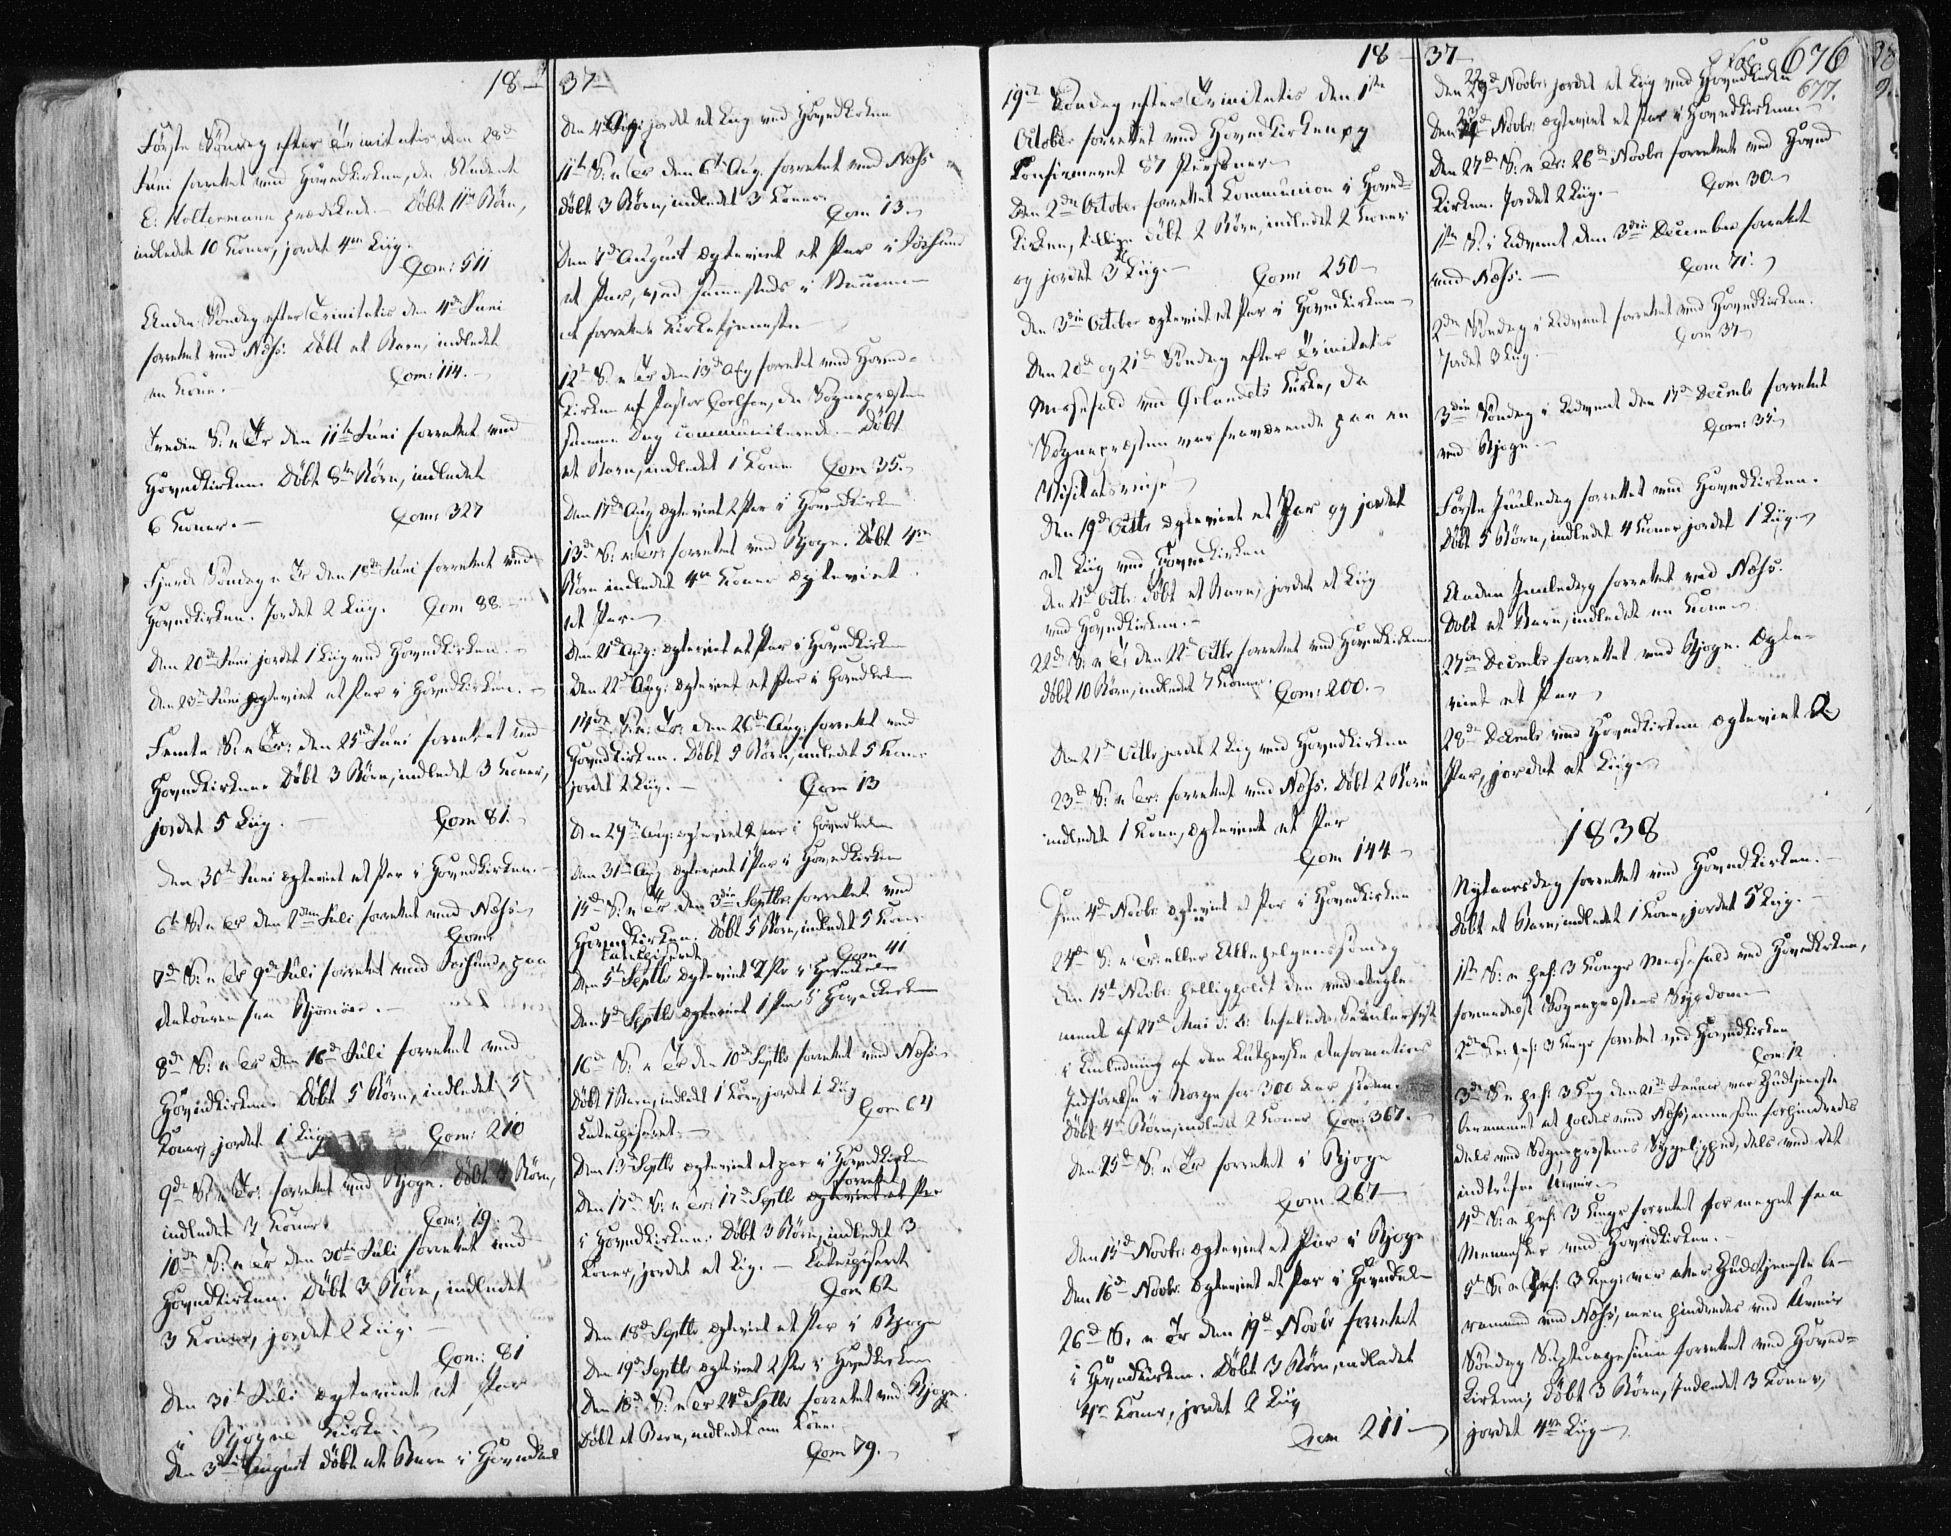 SAT, Ministerialprotokoller, klokkerbøker og fødselsregistre - Sør-Trøndelag, 659/L0735: Ministerialbok nr. 659A05, 1826-1841, s. 676